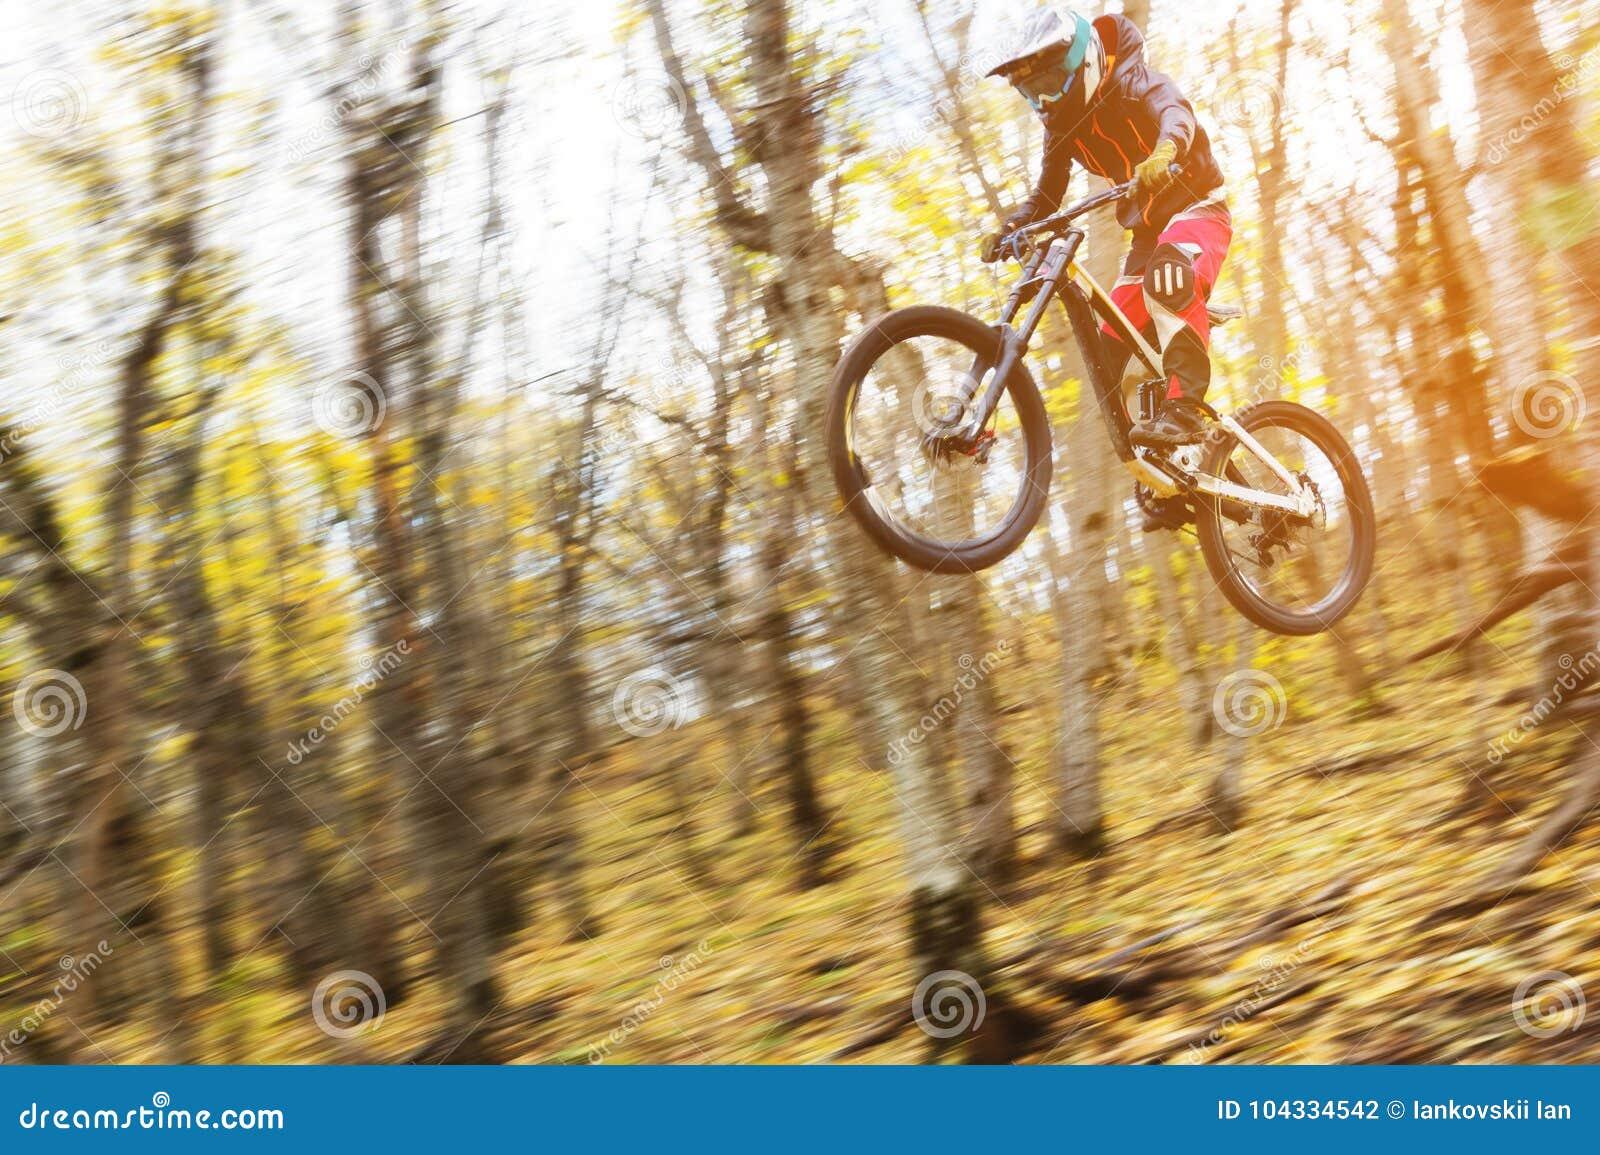 Молодой всадник за рулем его горного велосипеда делает фокус в скакать на трамплине покатой горы